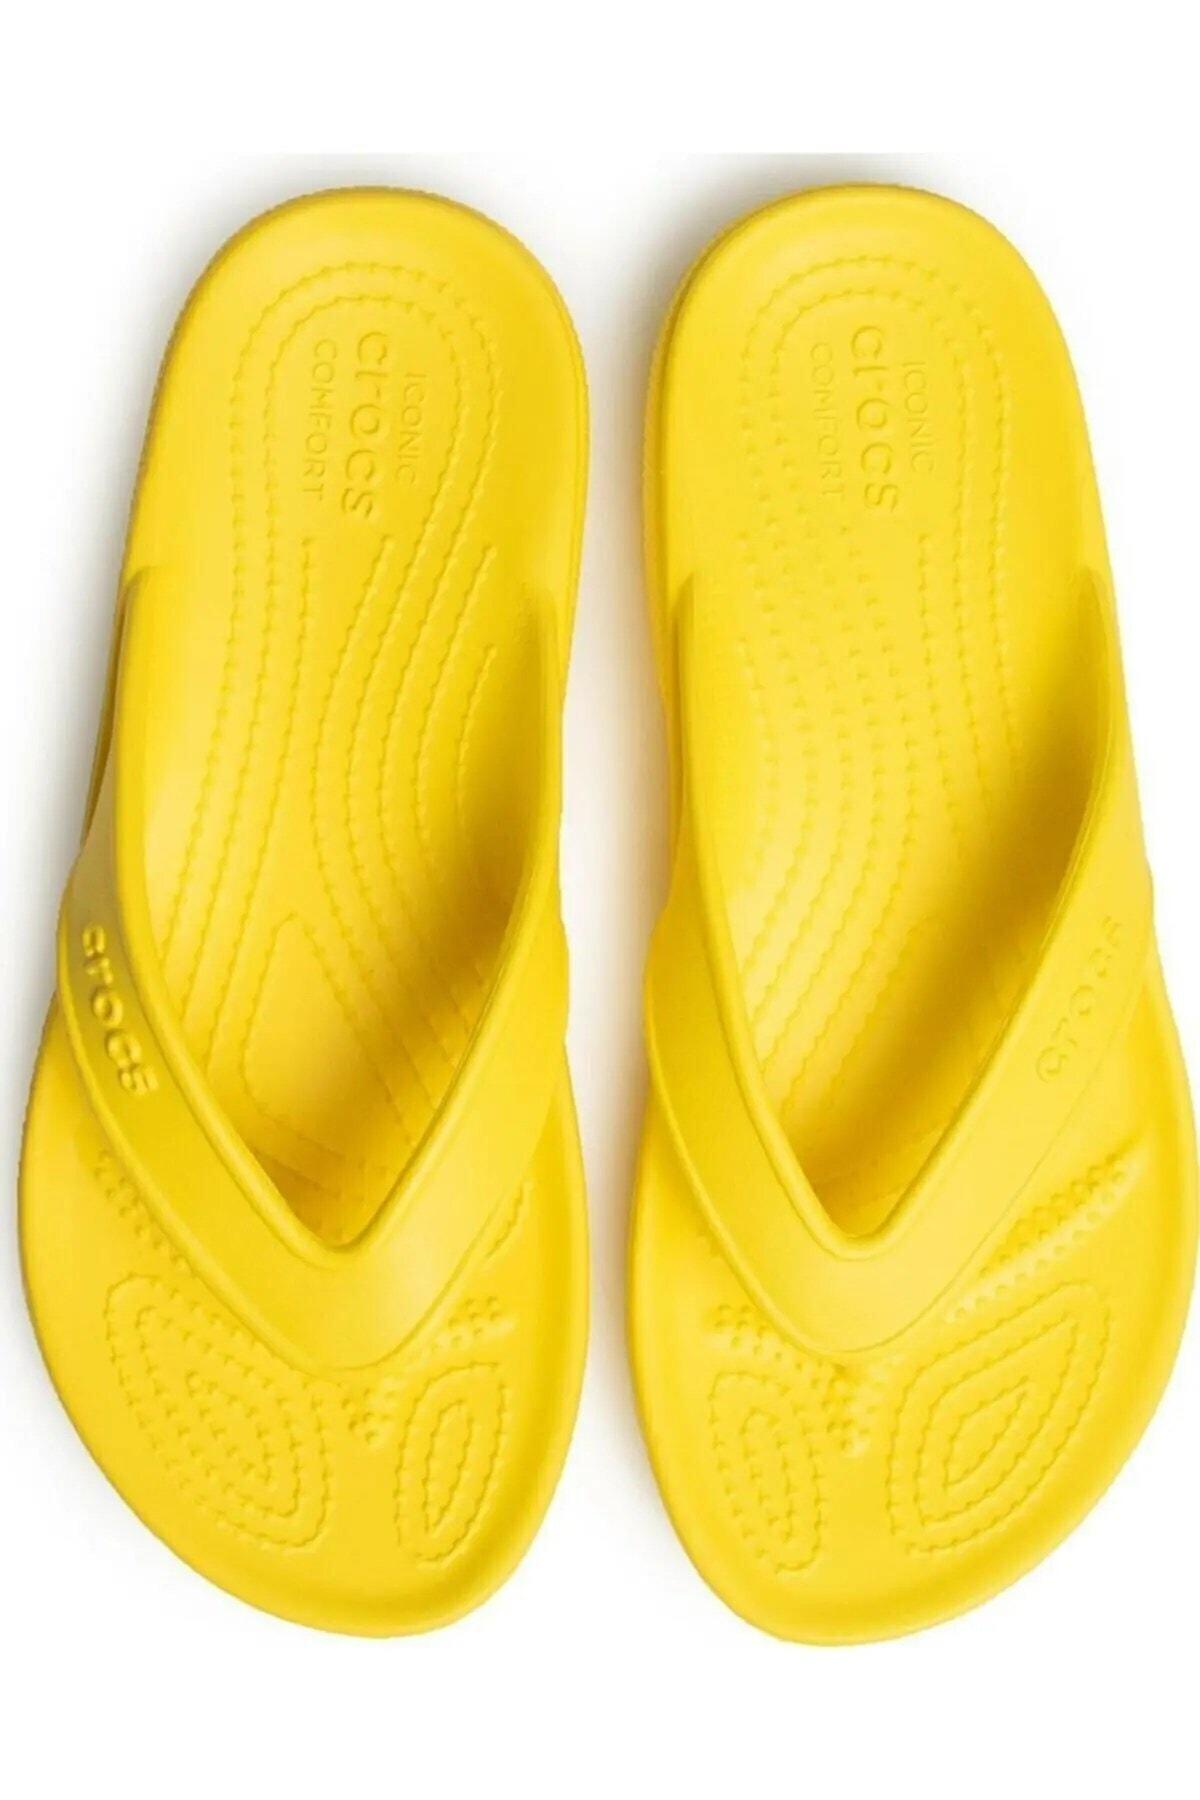 Crocs Classic Iı Flip Kadın Terlik 206119-7c1 2